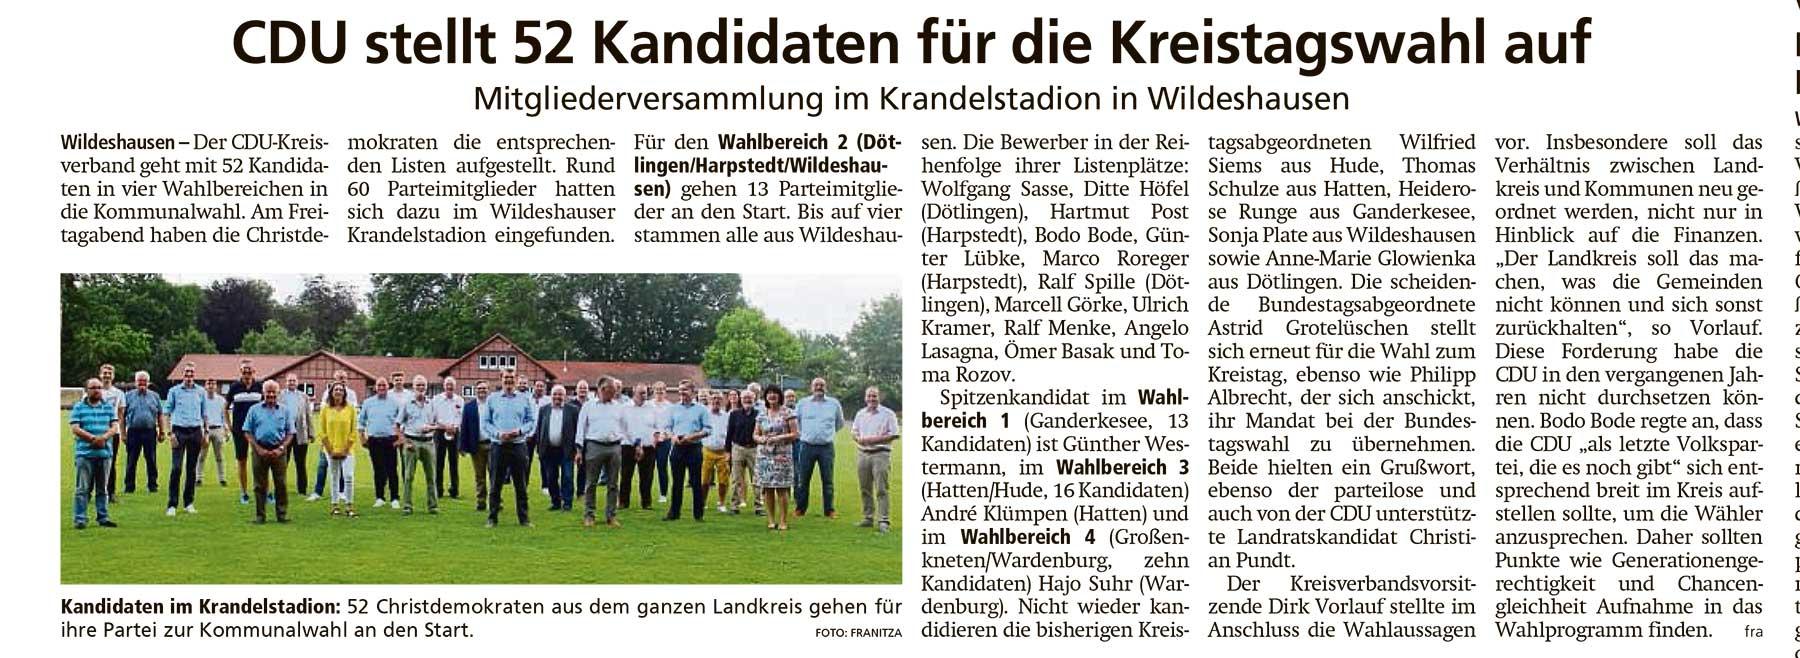 CDU stellt 52 Kandidaten für die Kreistagswahl aufMitgliederversammlung im Krandelstadion in WildeshausenArtikel vom 22.06.2021 (WZ)